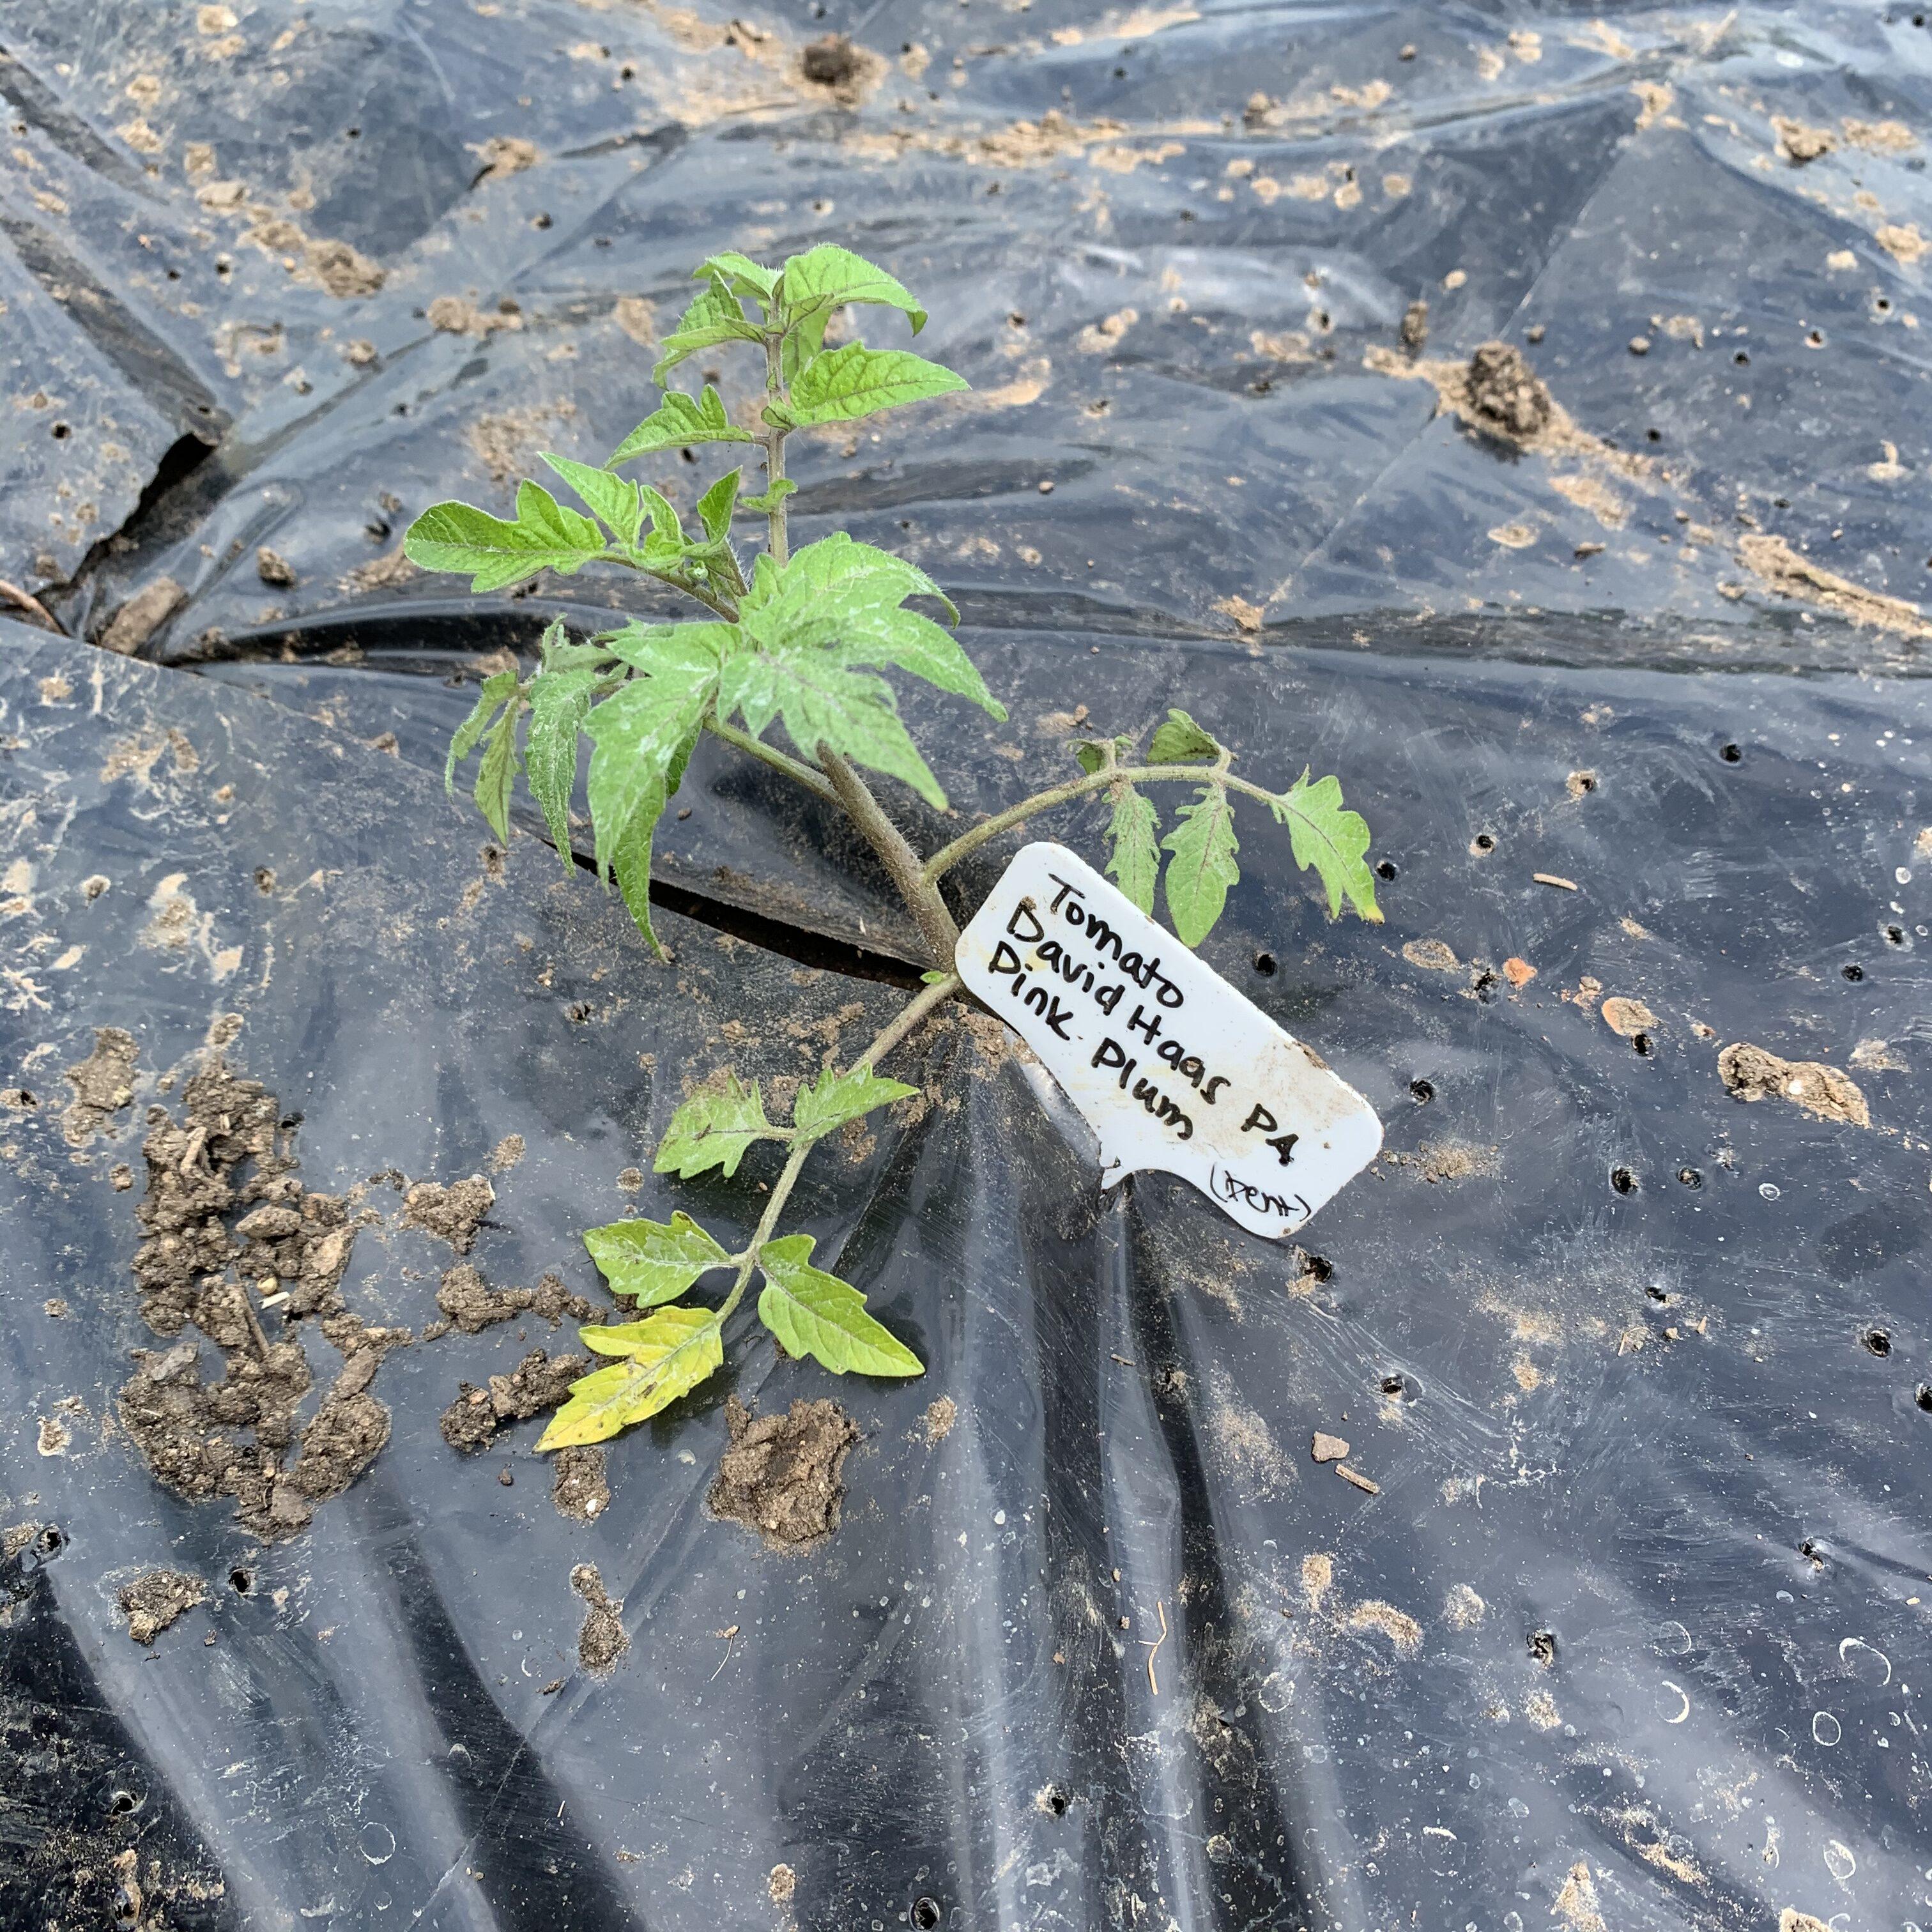 7022A892 45E7 4EC2 89CA 557ADC06FF70 Tomato planting day!